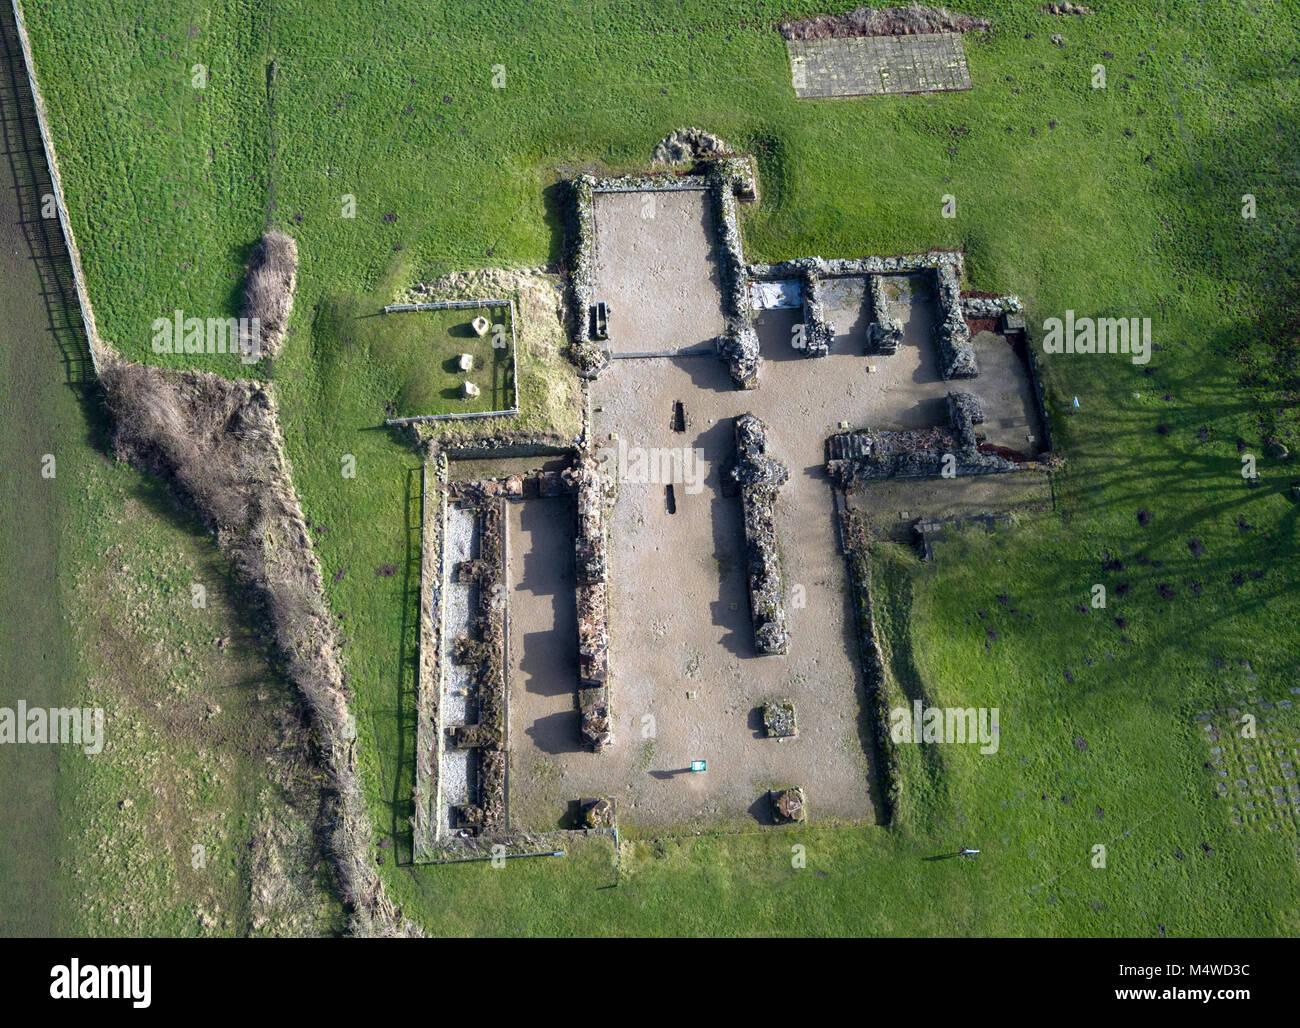 Eine Luftaufnahme der Bordesley Abbey Ruinen in Redditch, Worcestershire, Großbritannien. Stockbild